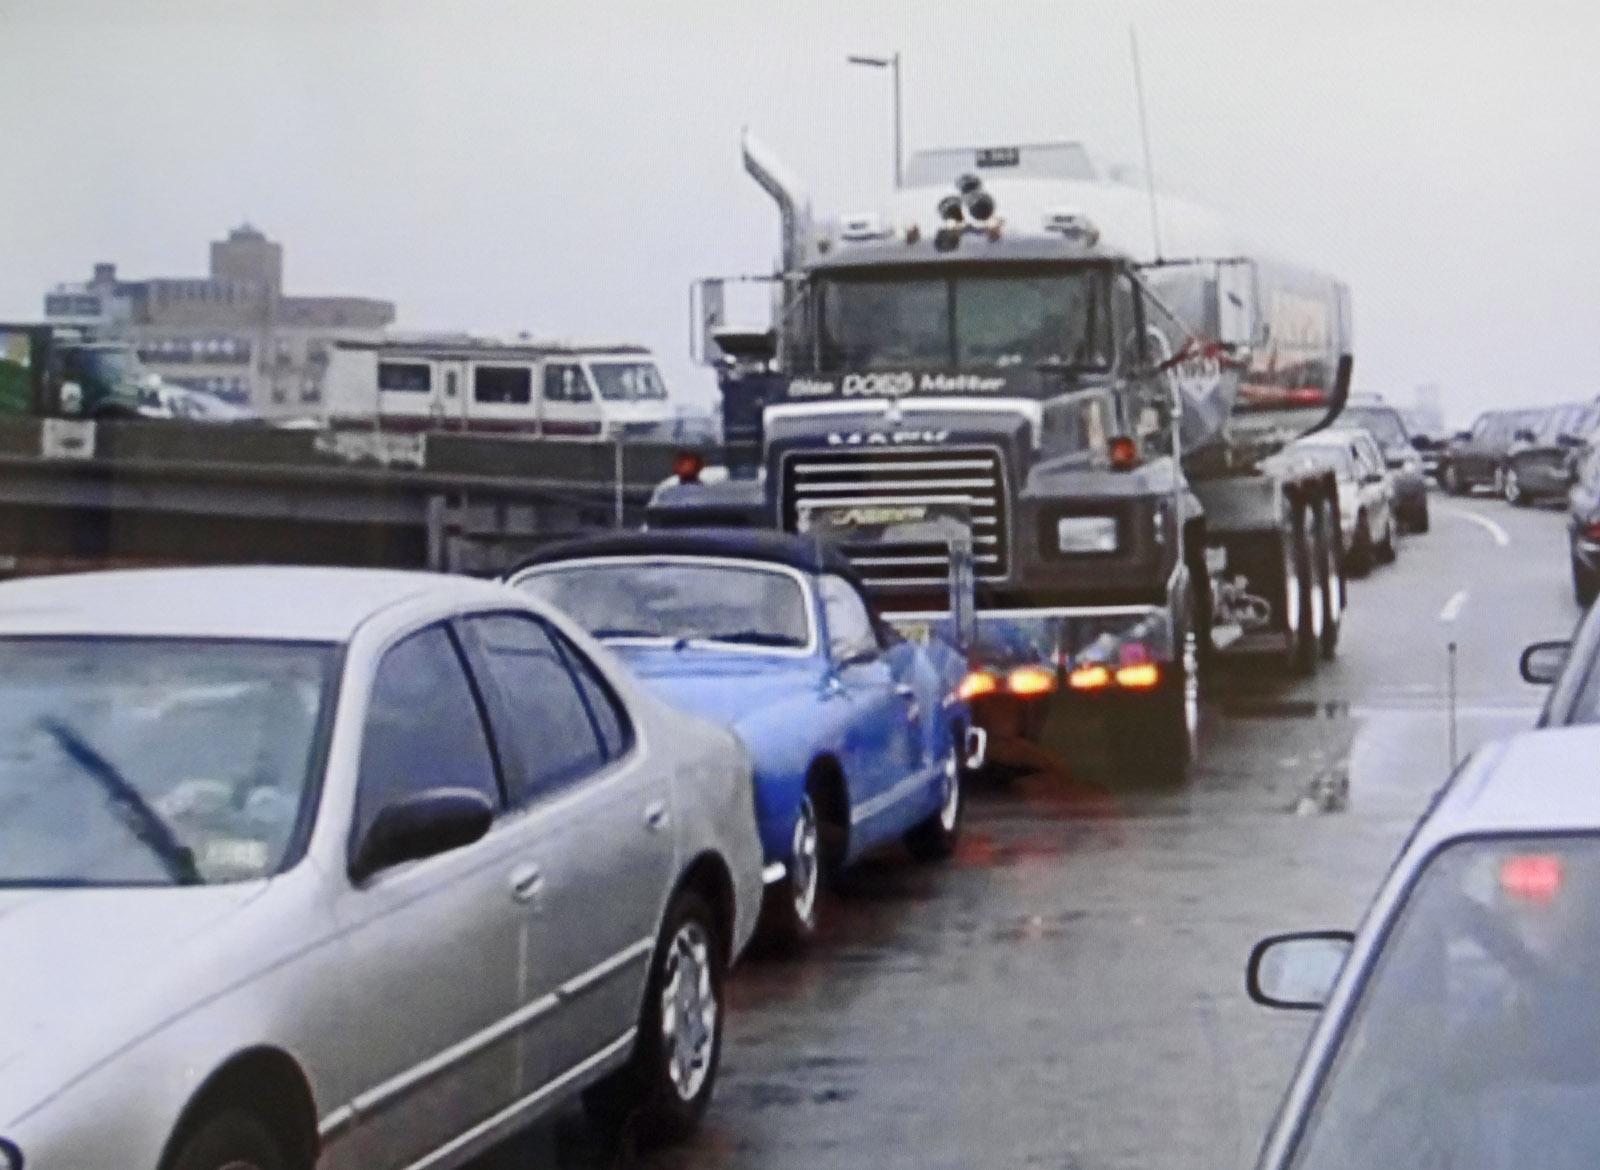 Karmann Ghia seen in the movie 'Two Weeks Notice'